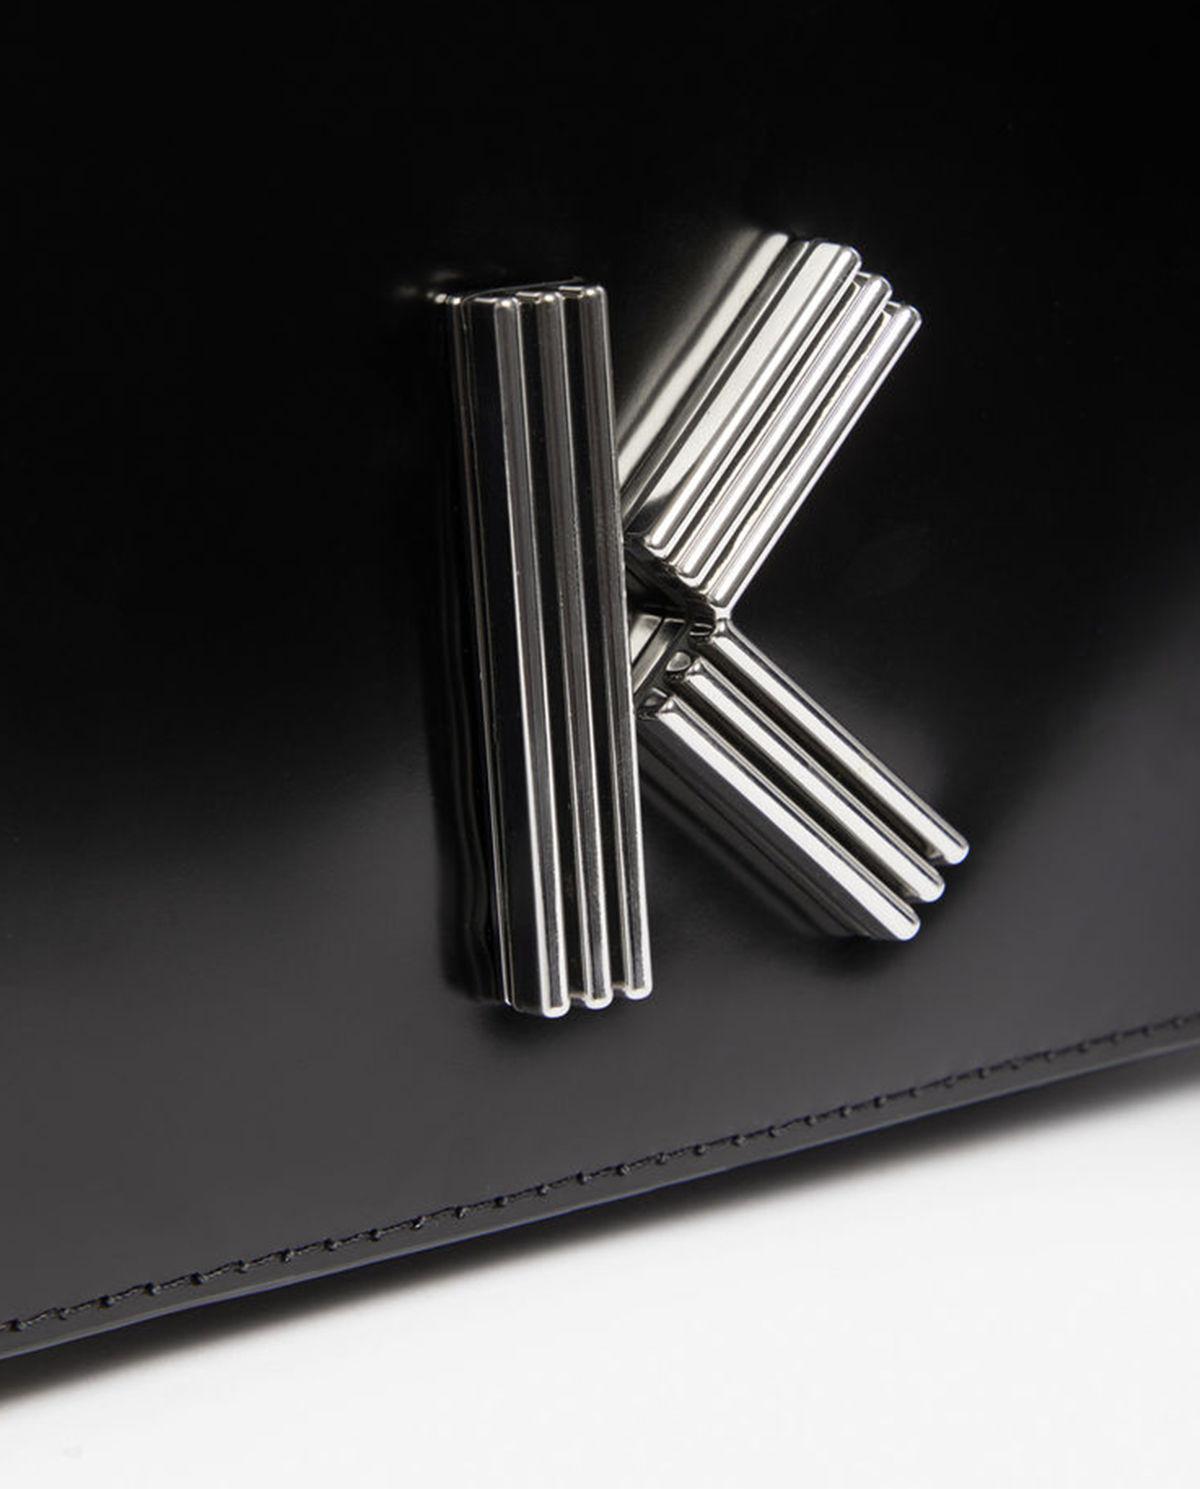 8ac71cae39 Kabelka z lakované kůže KENZO – Kup teď! Nejlepší ceny a recenze ...